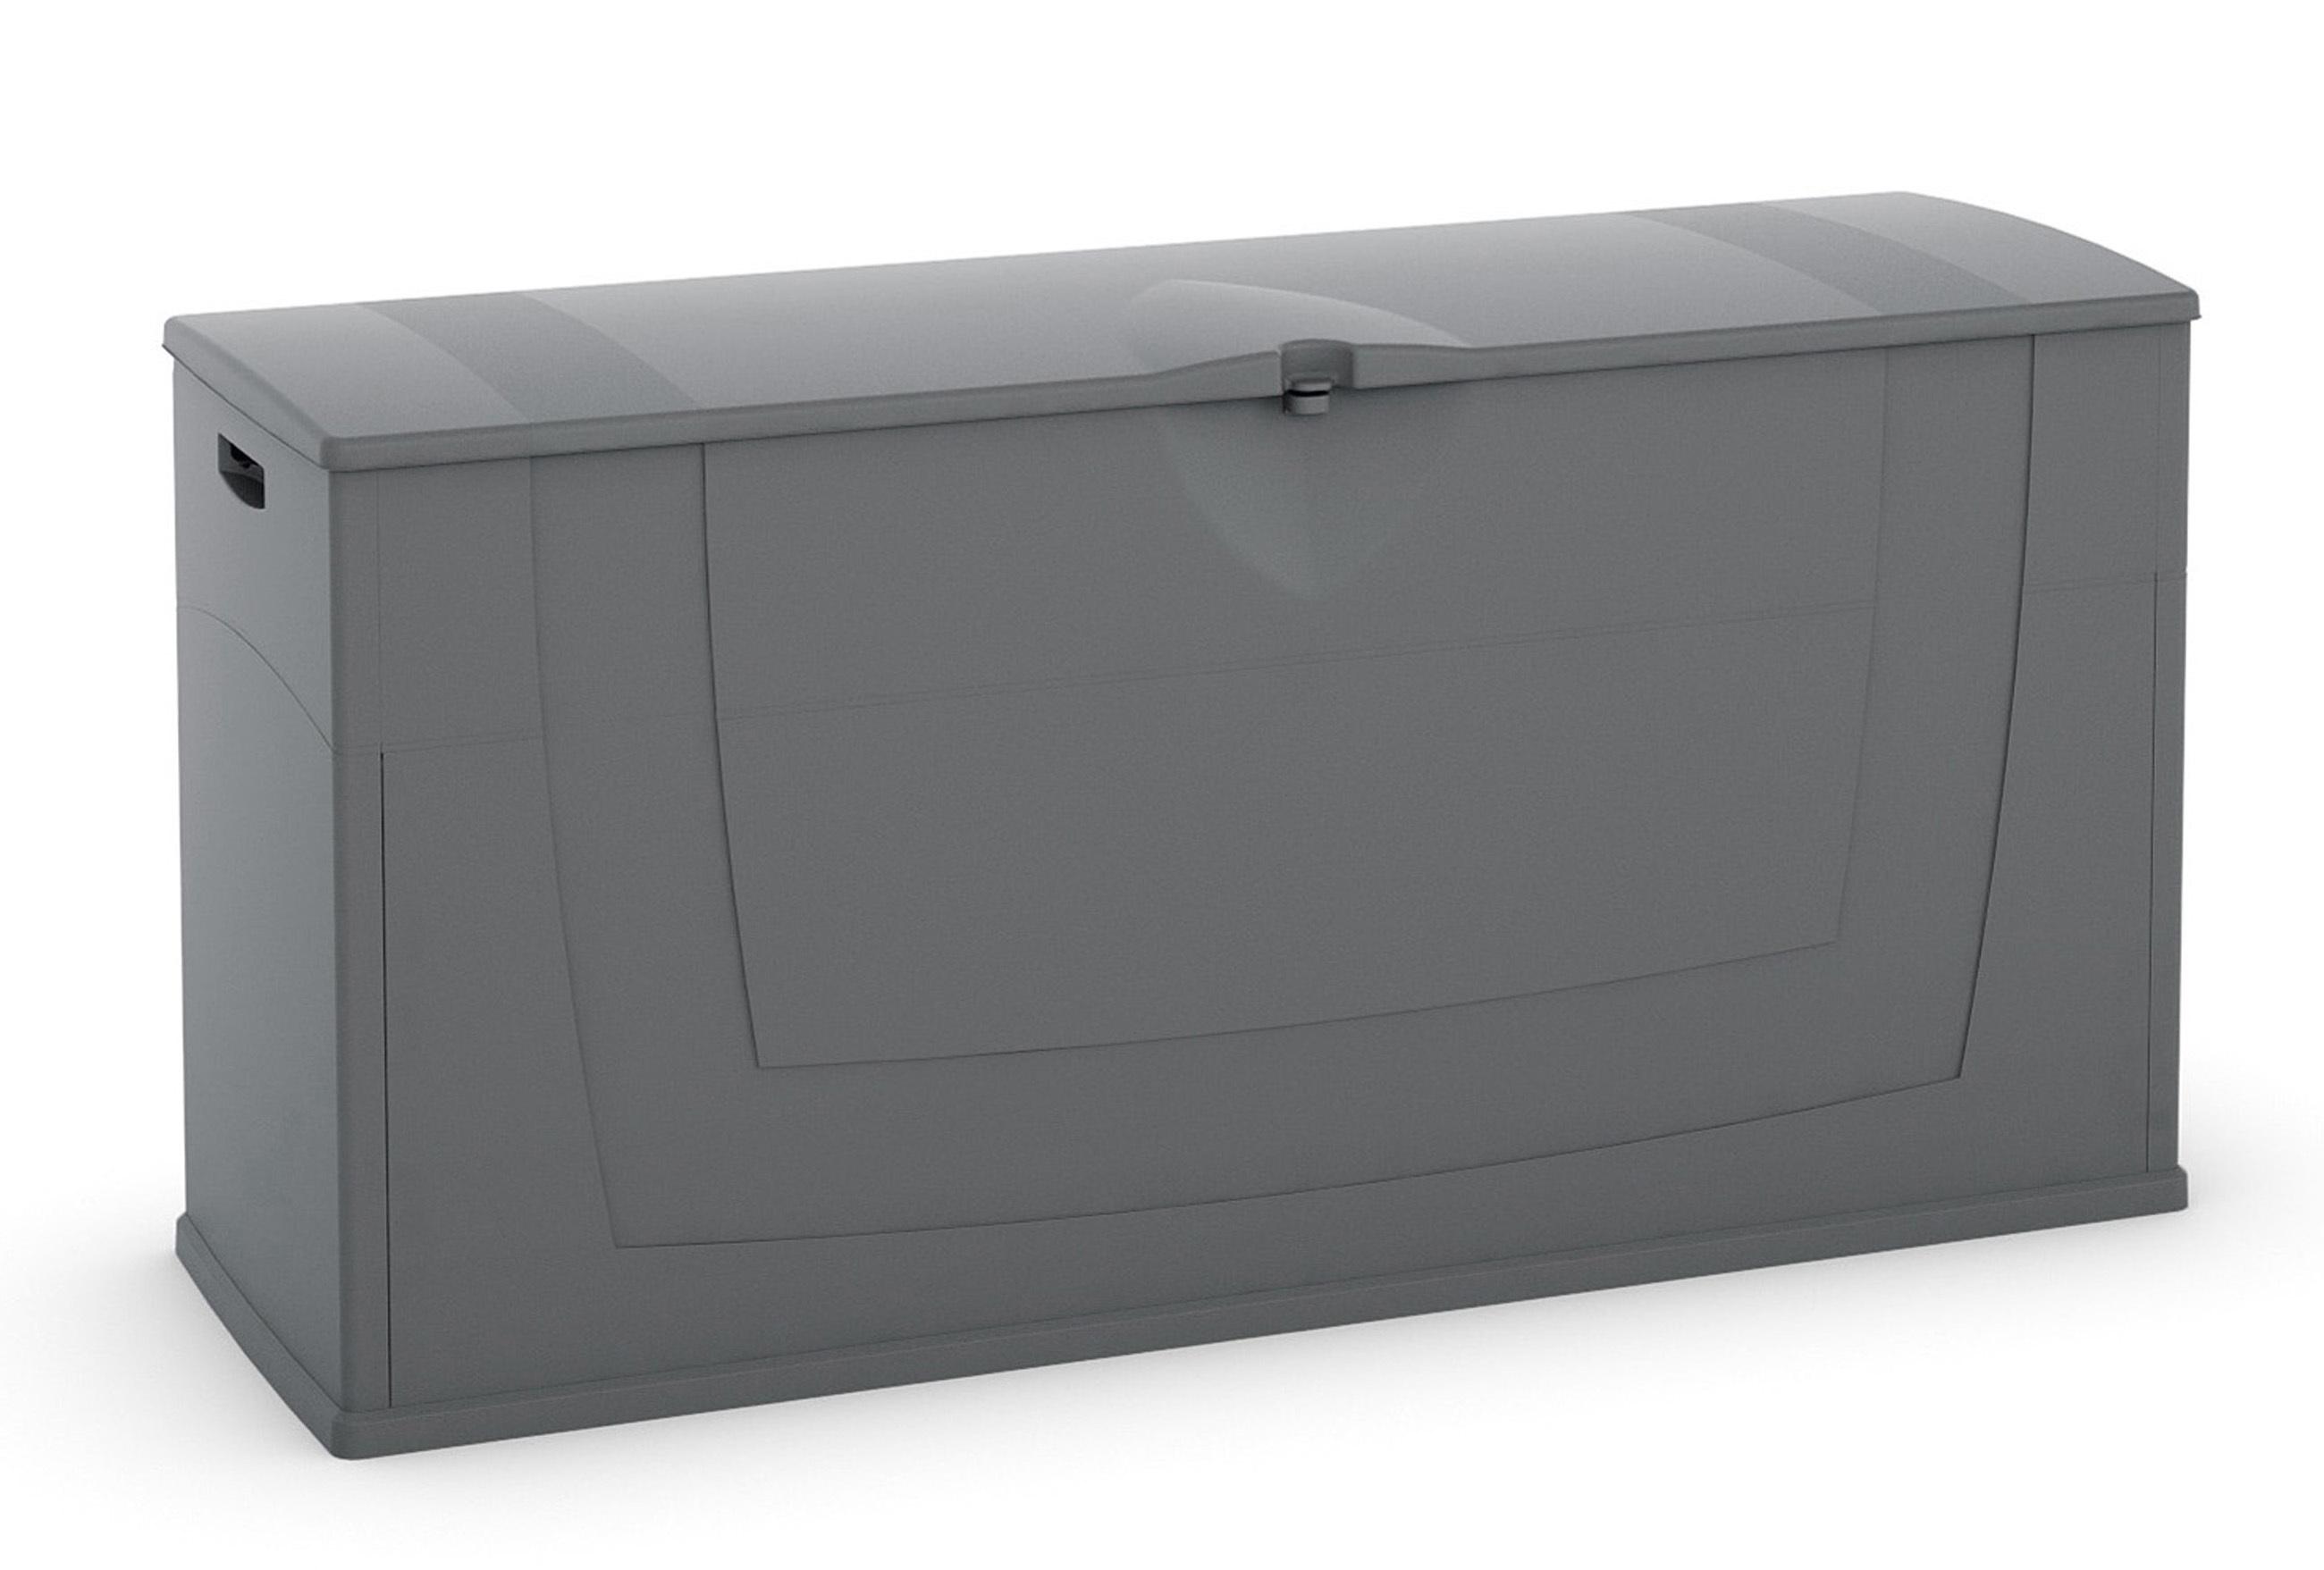 caisse en fer de rangement fabulous bac multiusage plein. Black Bedroom Furniture Sets. Home Design Ideas